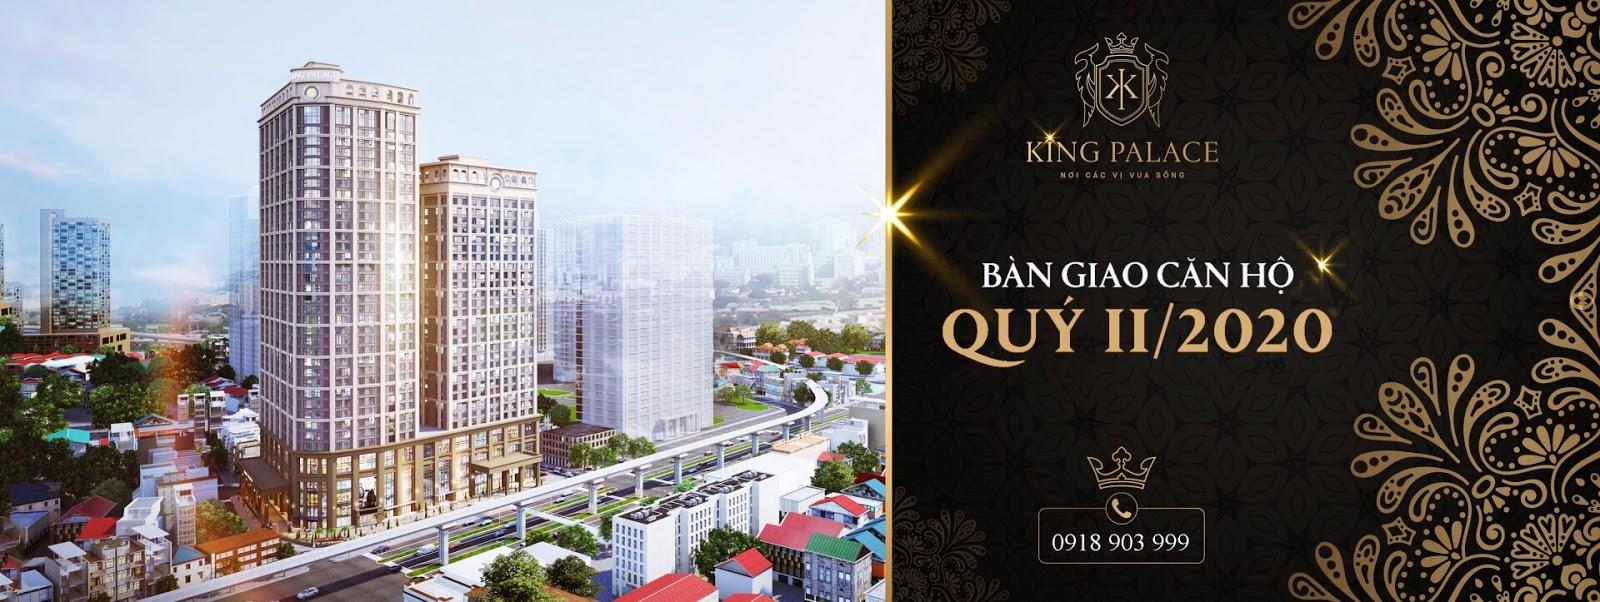 Banner King Palace Hà Nội